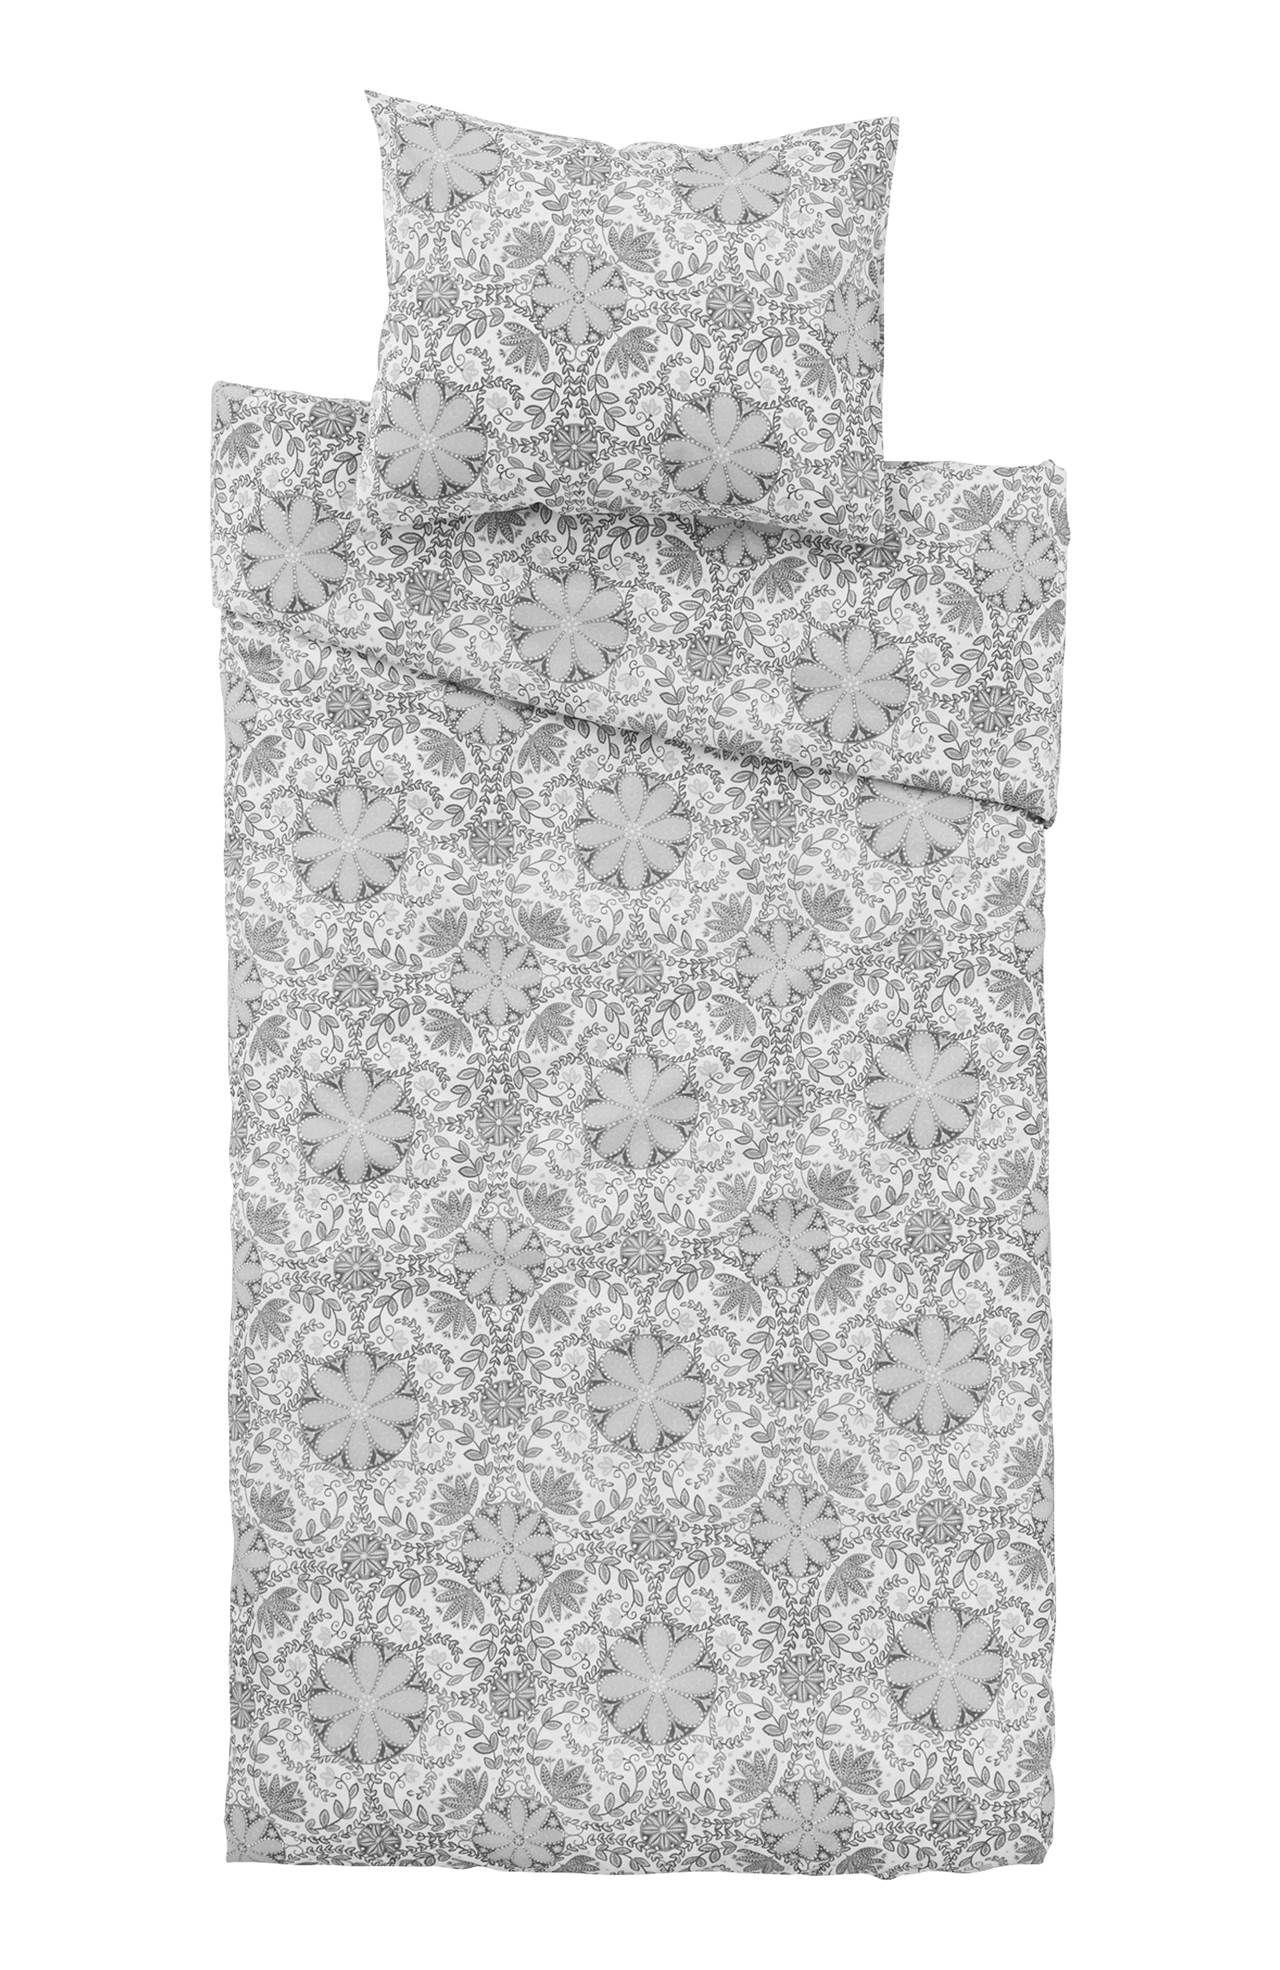 P¥slakanset med marockanskt mönster Setet best¥r av tv¥ delar ett örngott 50 x